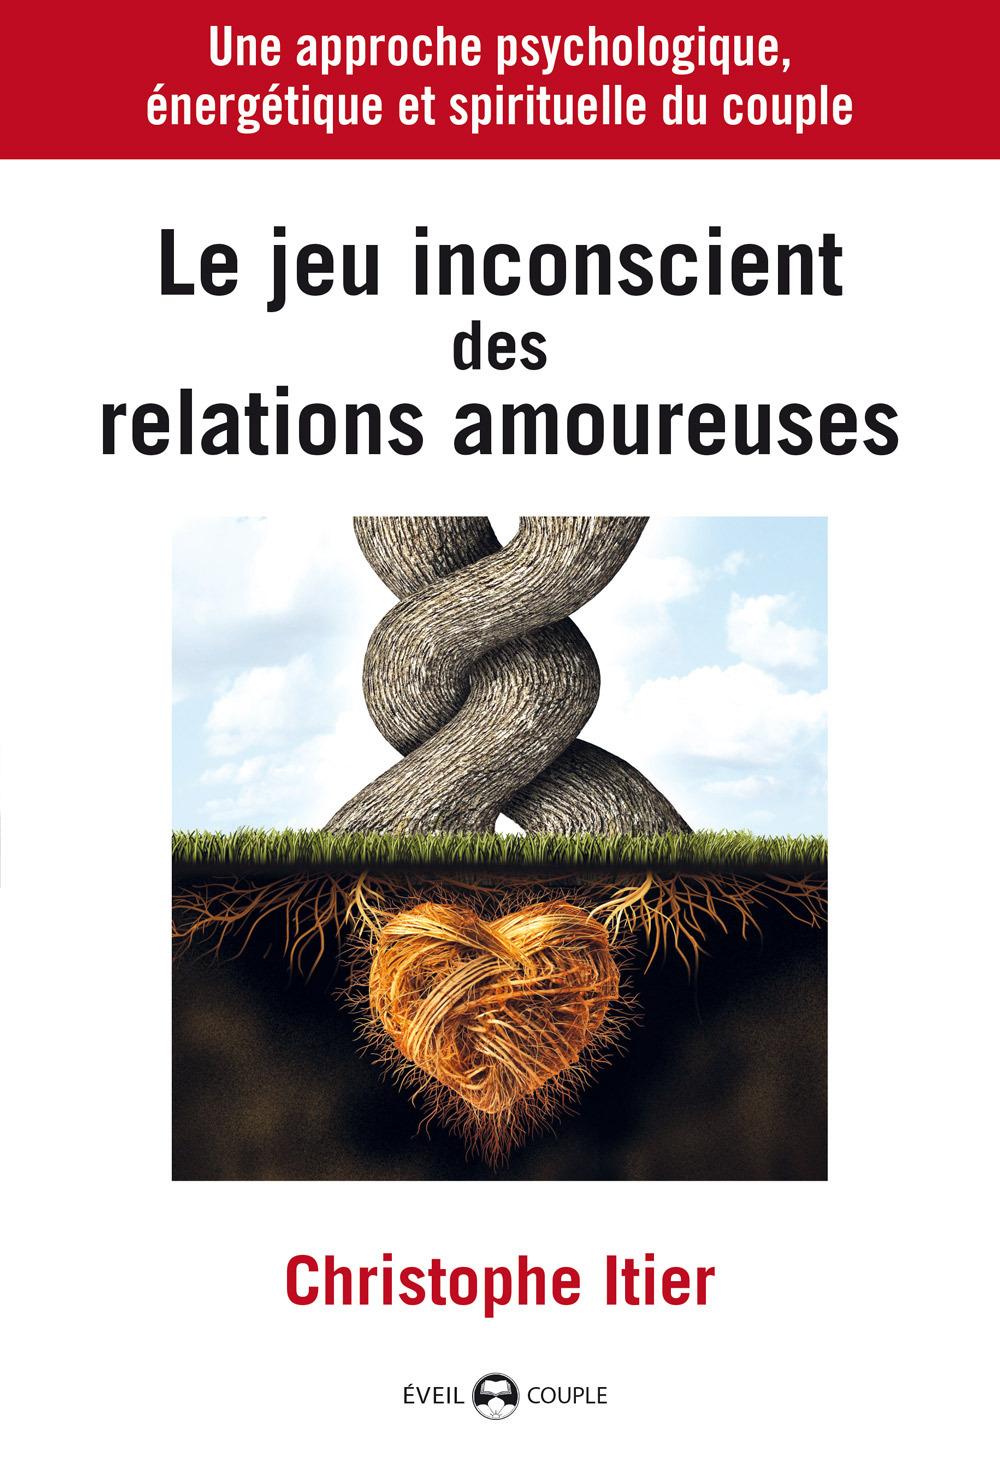 LE JEU INCONSCIENT DES RELATIONS AMOUREUSES